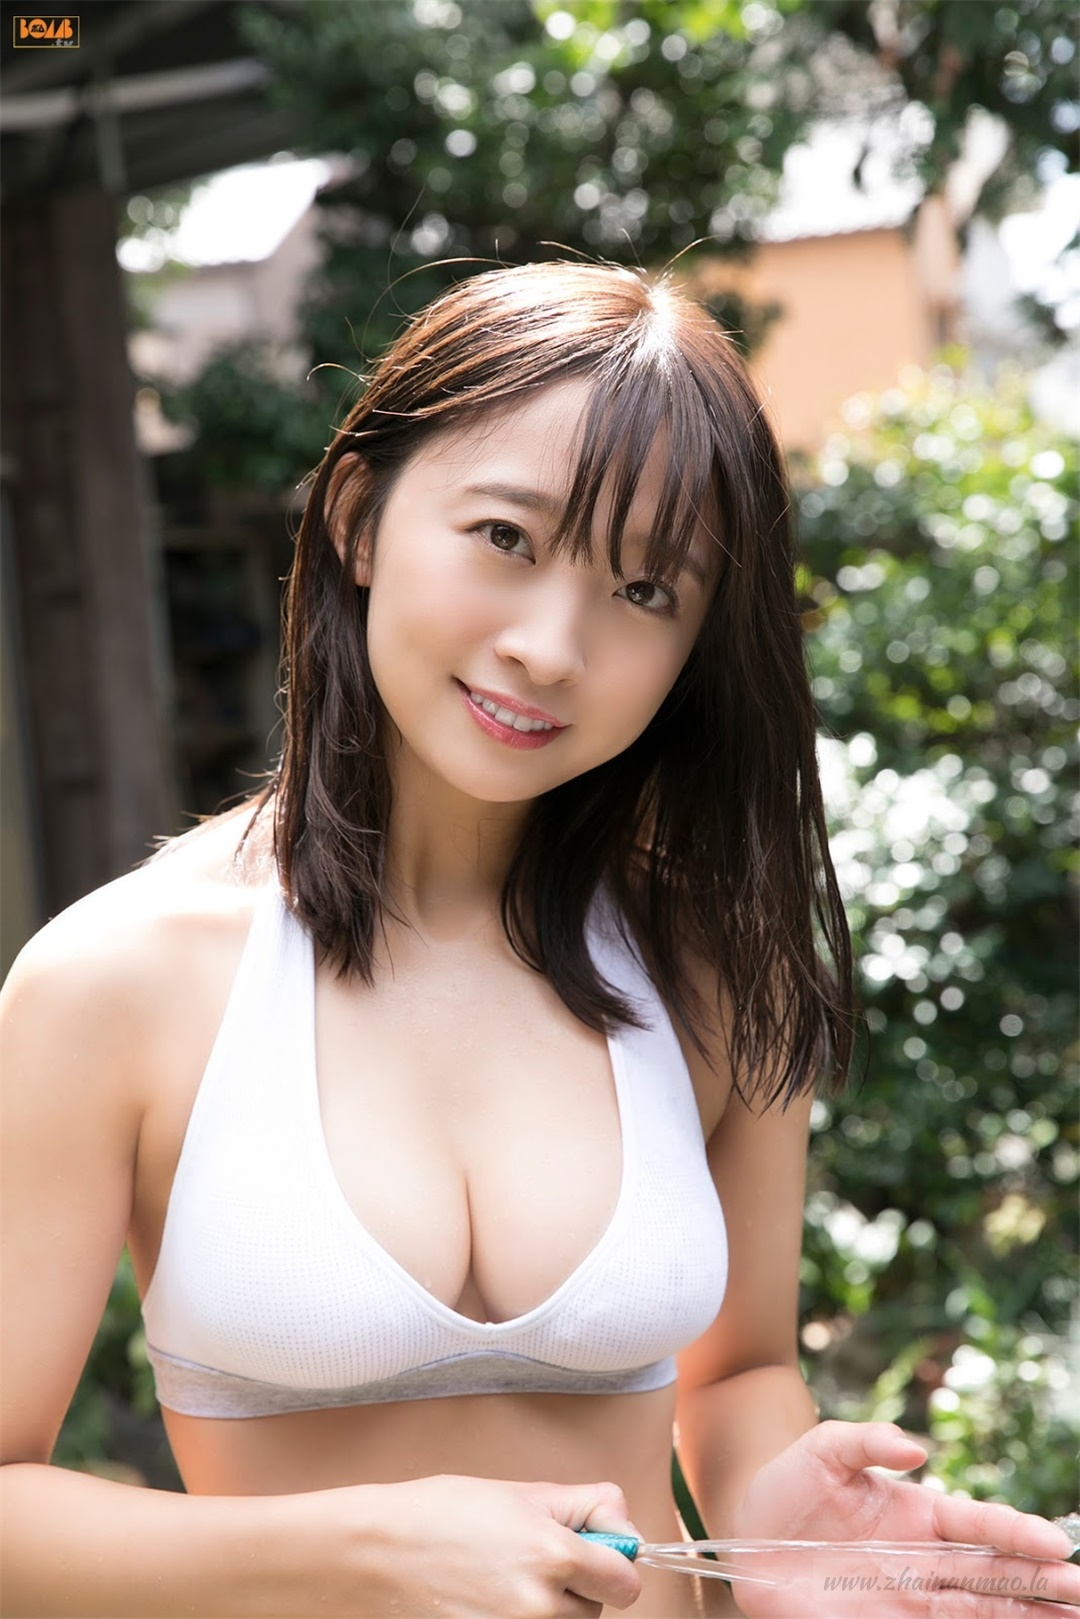 渡边幸爱 以亲切的笑容、疗癒的眼神来迷倒众人(20P)附无水印